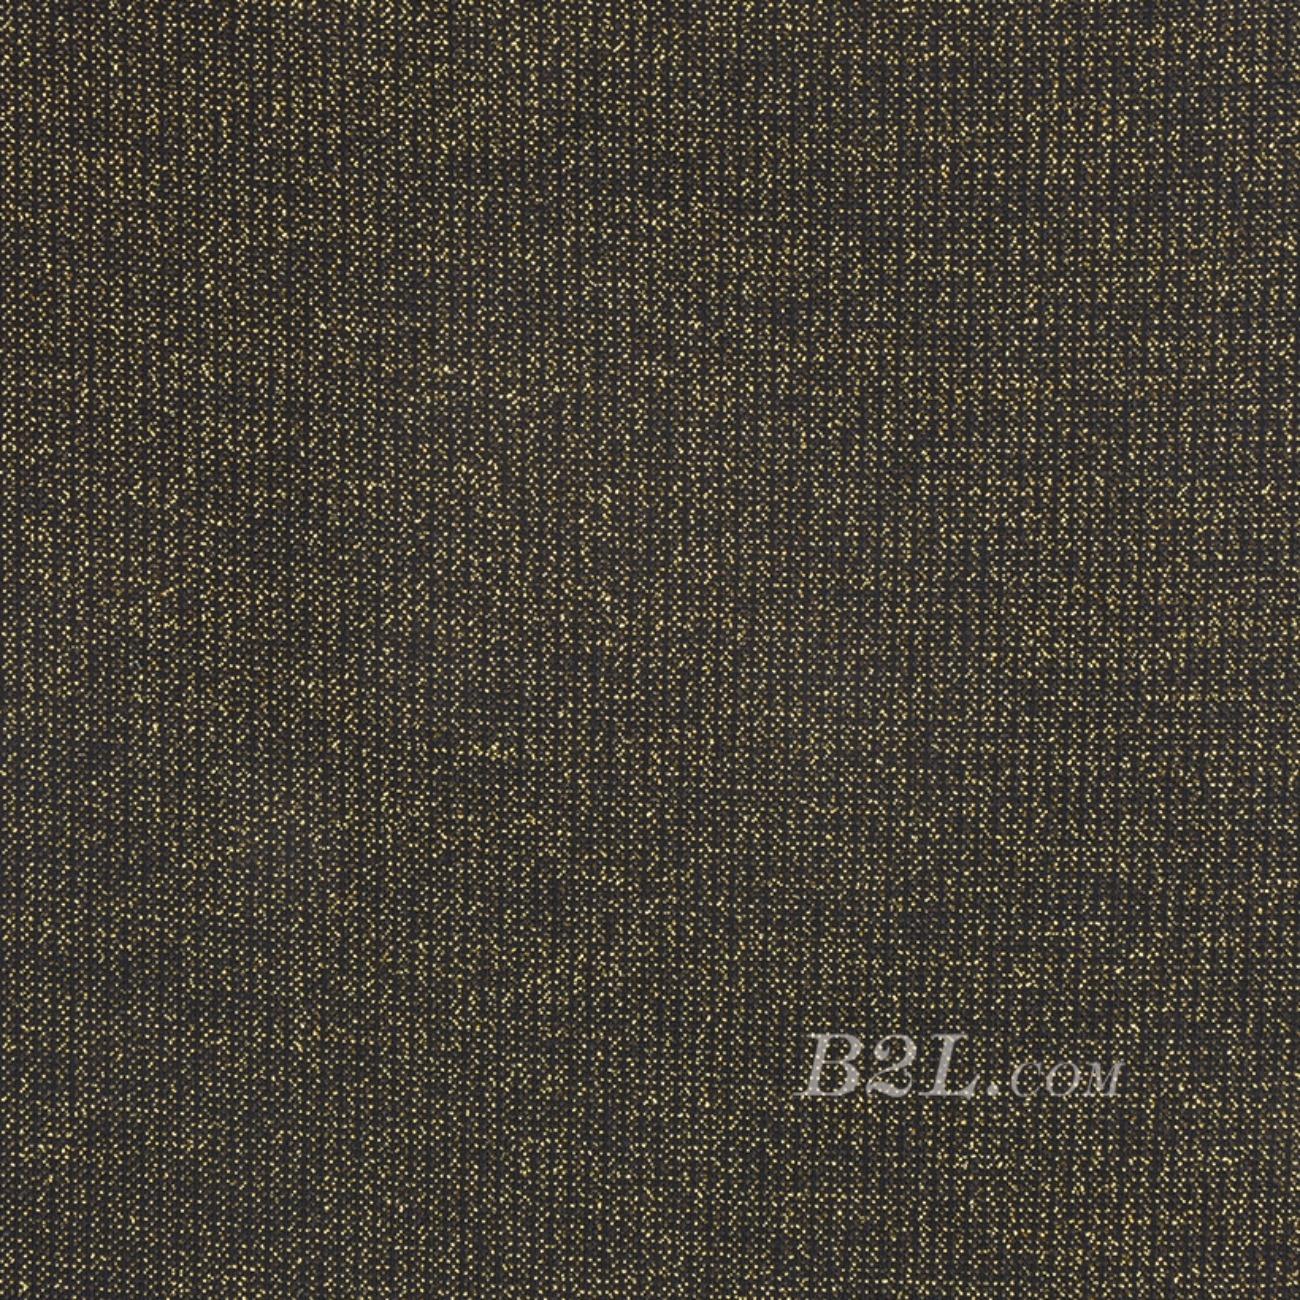 素色 高弹 彩葱 摩根 针织 彩线 春秋 连衣裙 女装 81019-10